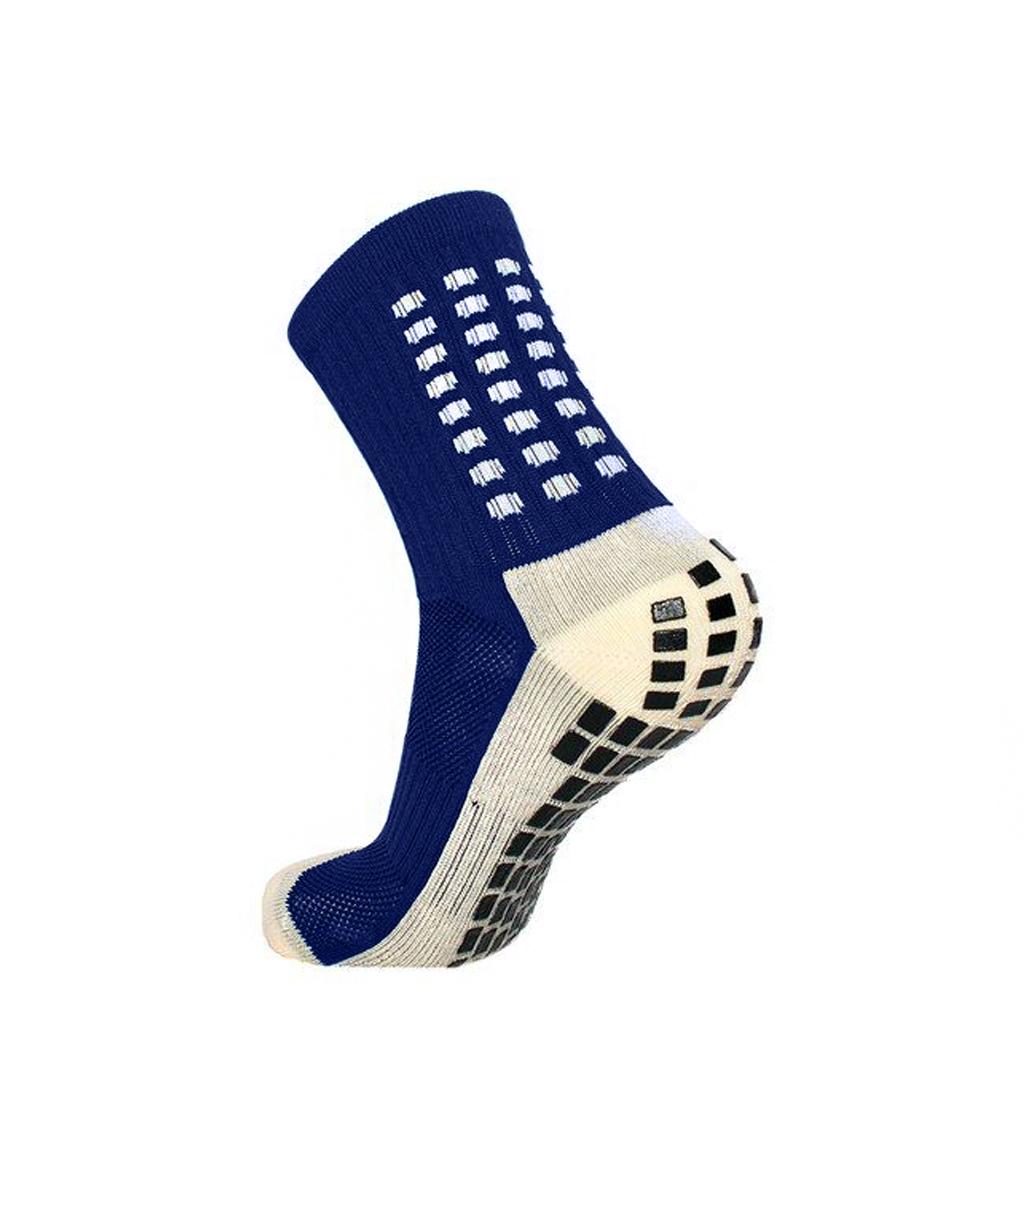 Купить тёмно-синие футбольные носки – противоскользящие в Новосибирске